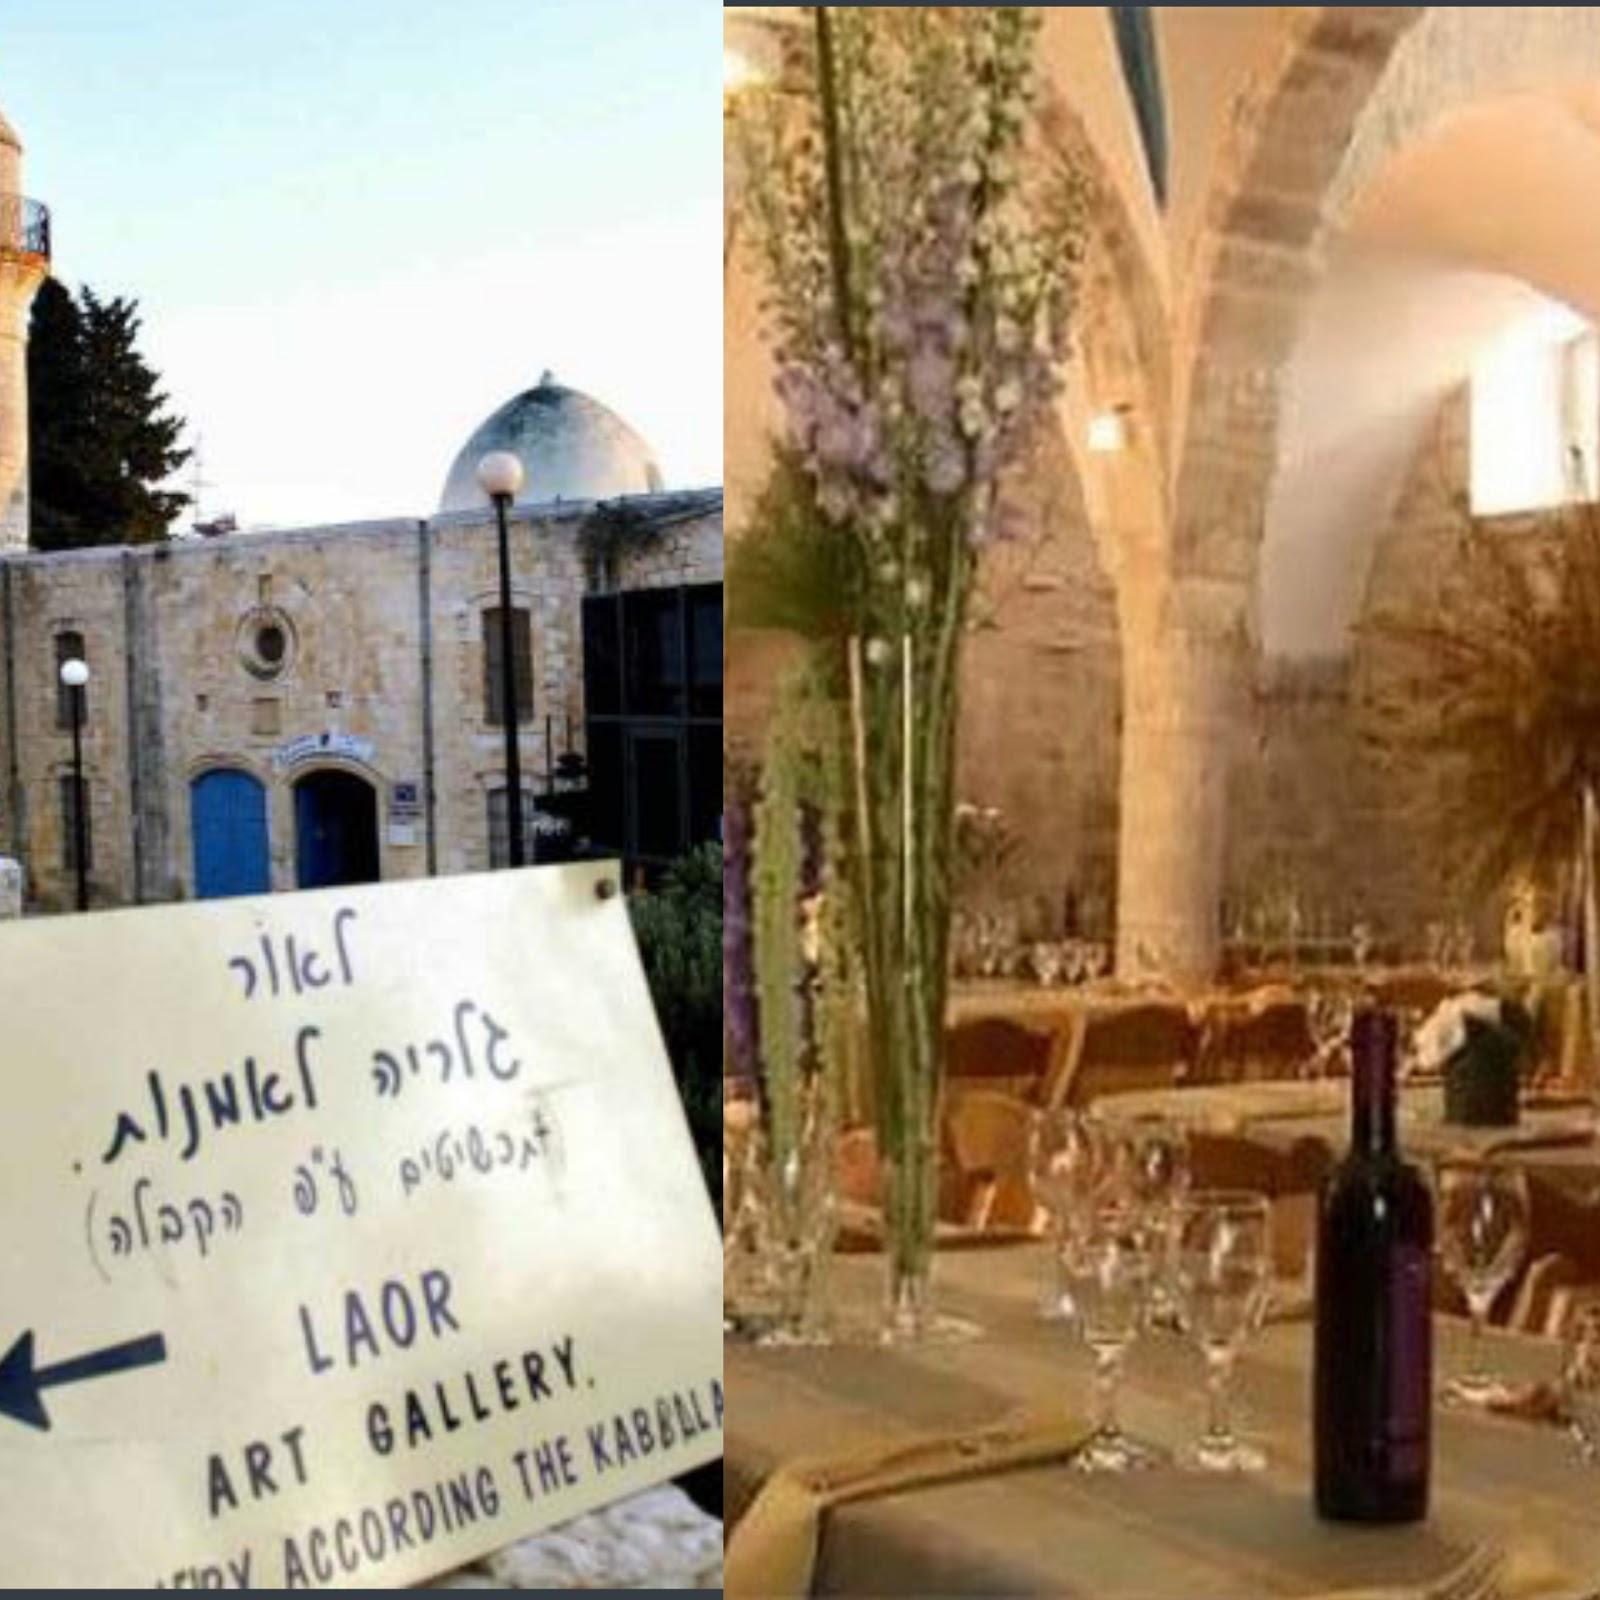 Israel Ubah Masjid Bersejarah Menjadi Bar